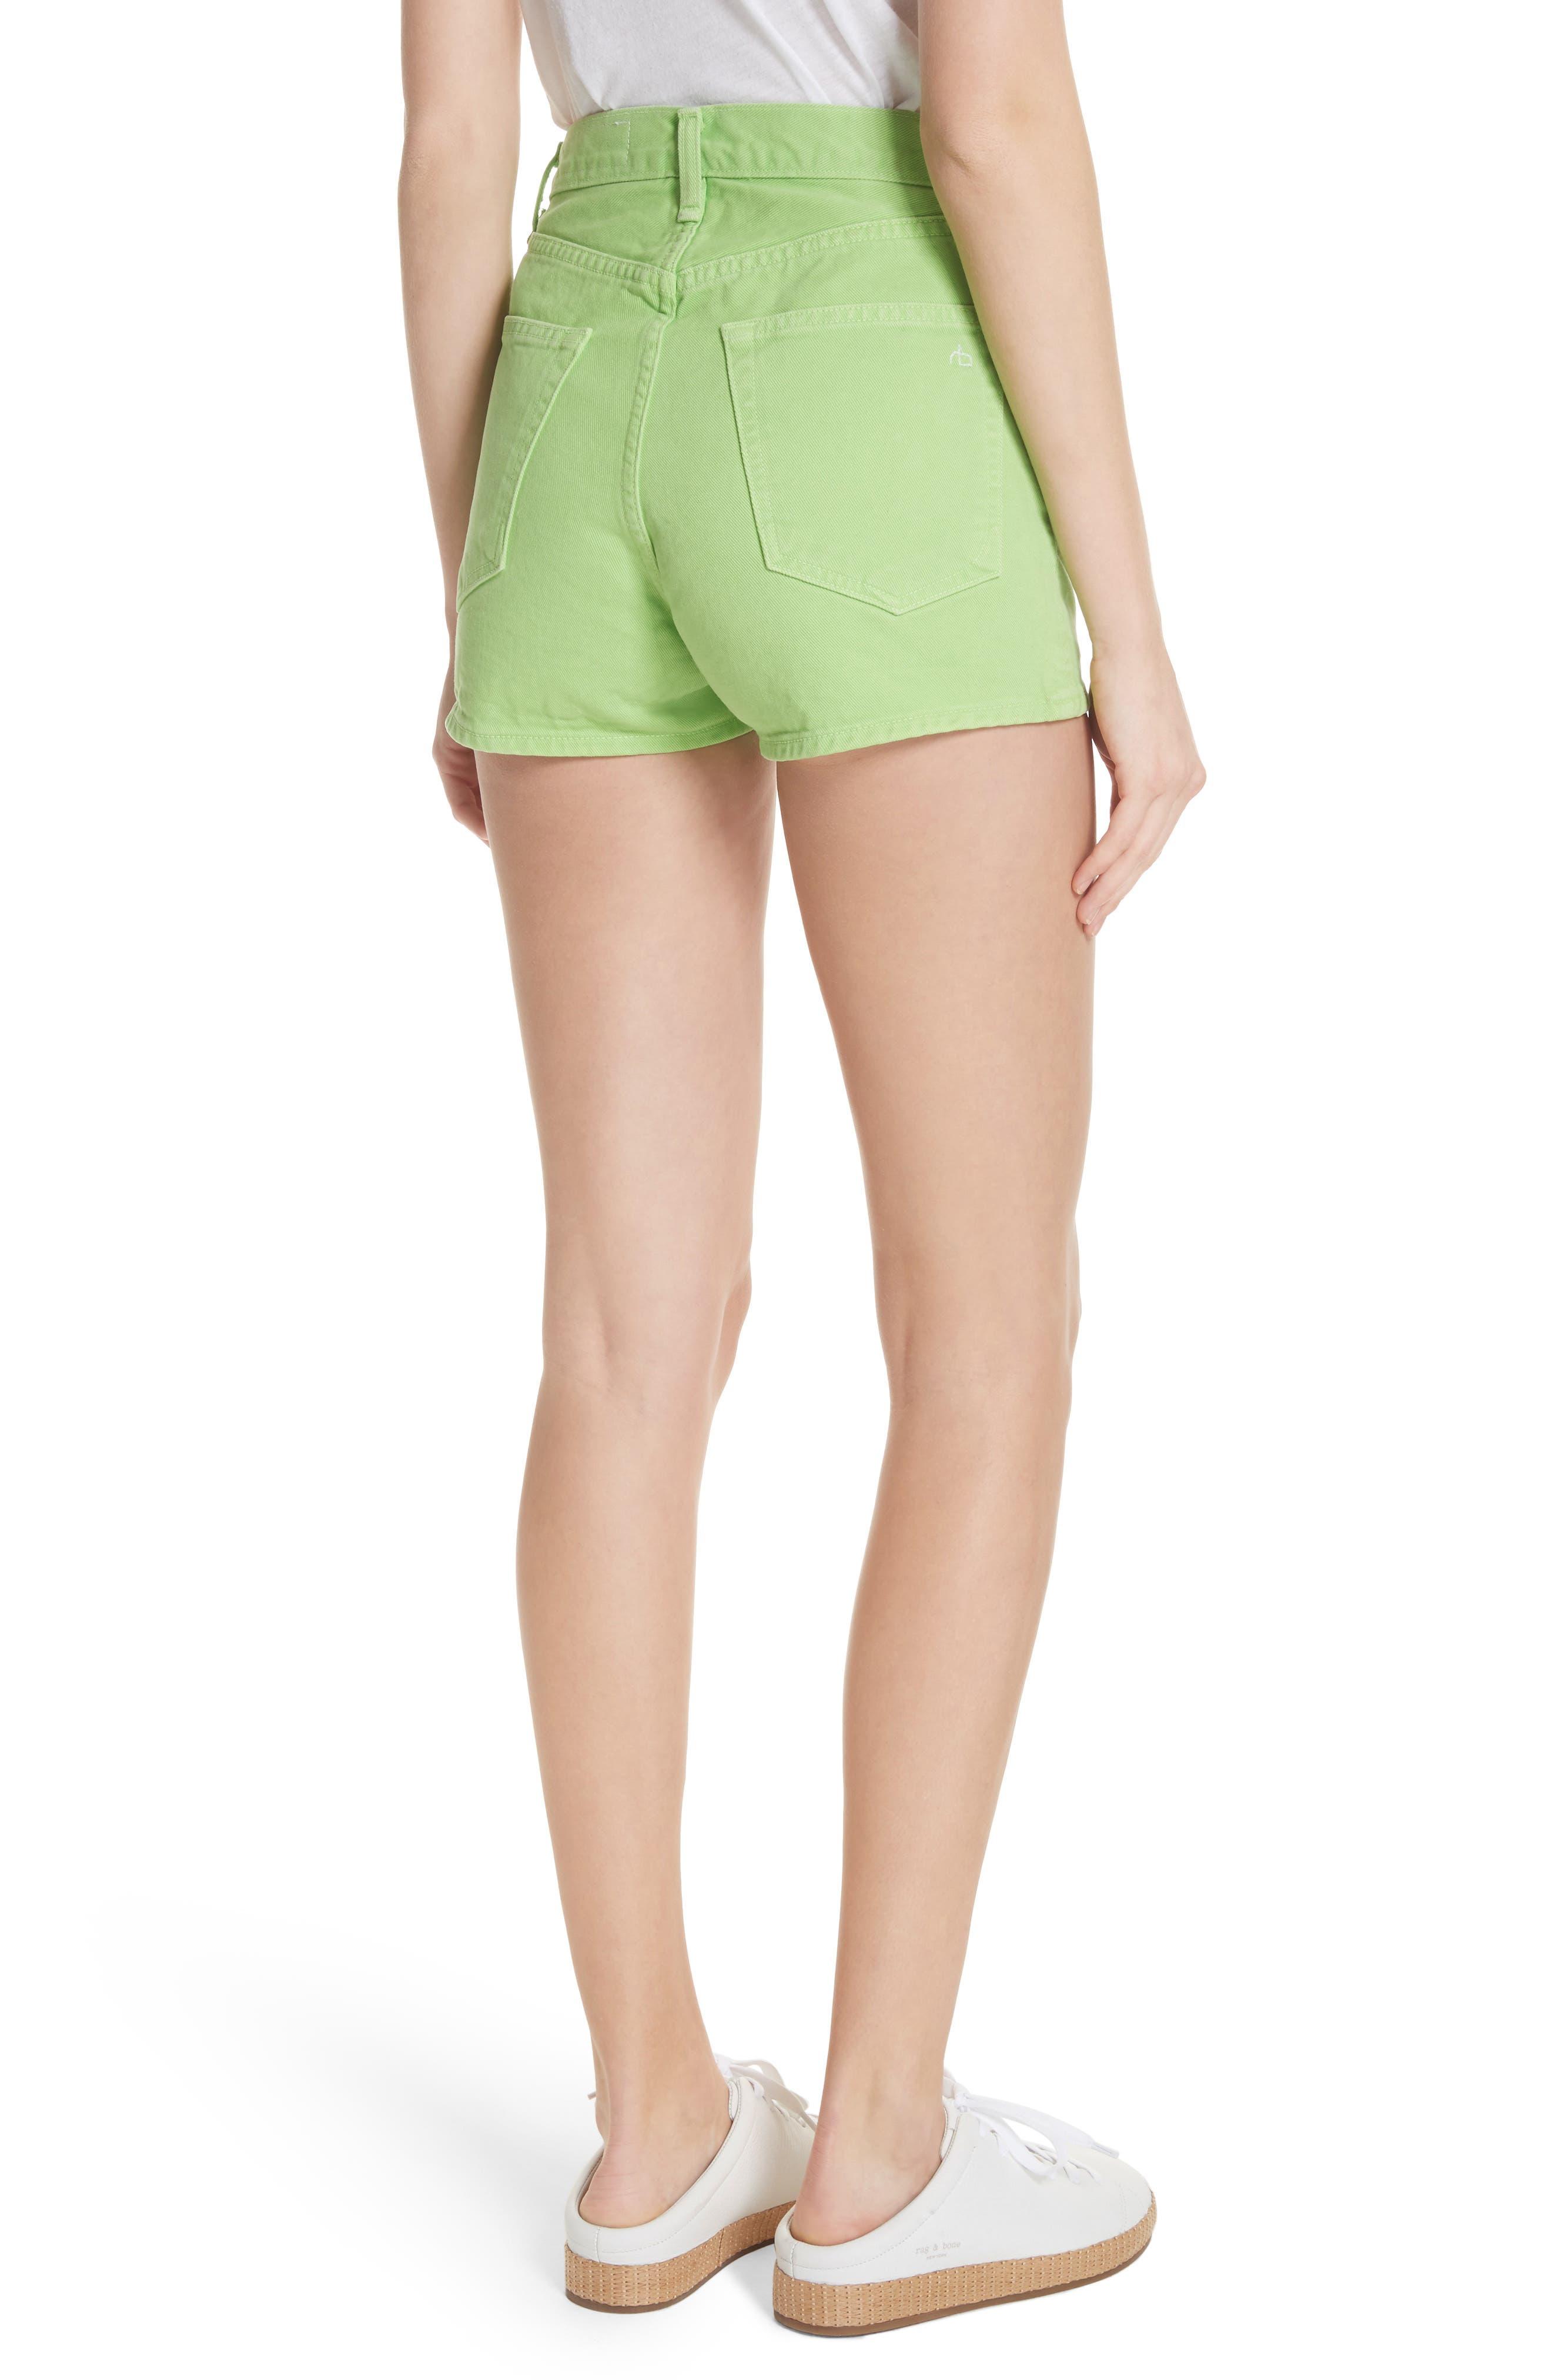 Justine High Waist Denim Shorts,                             Alternate thumbnail 2, color,                             371